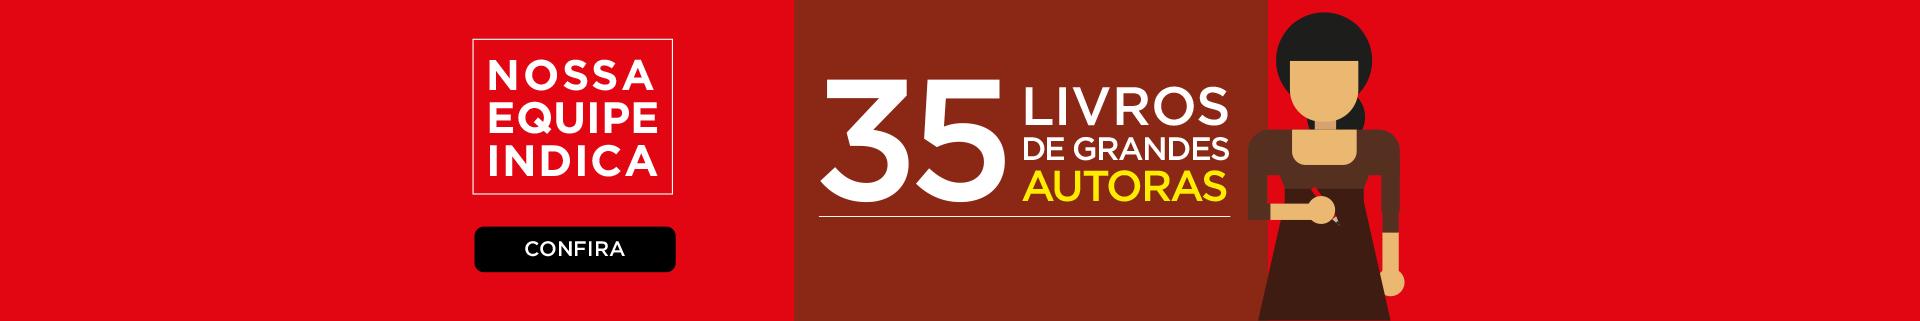 35 autoras